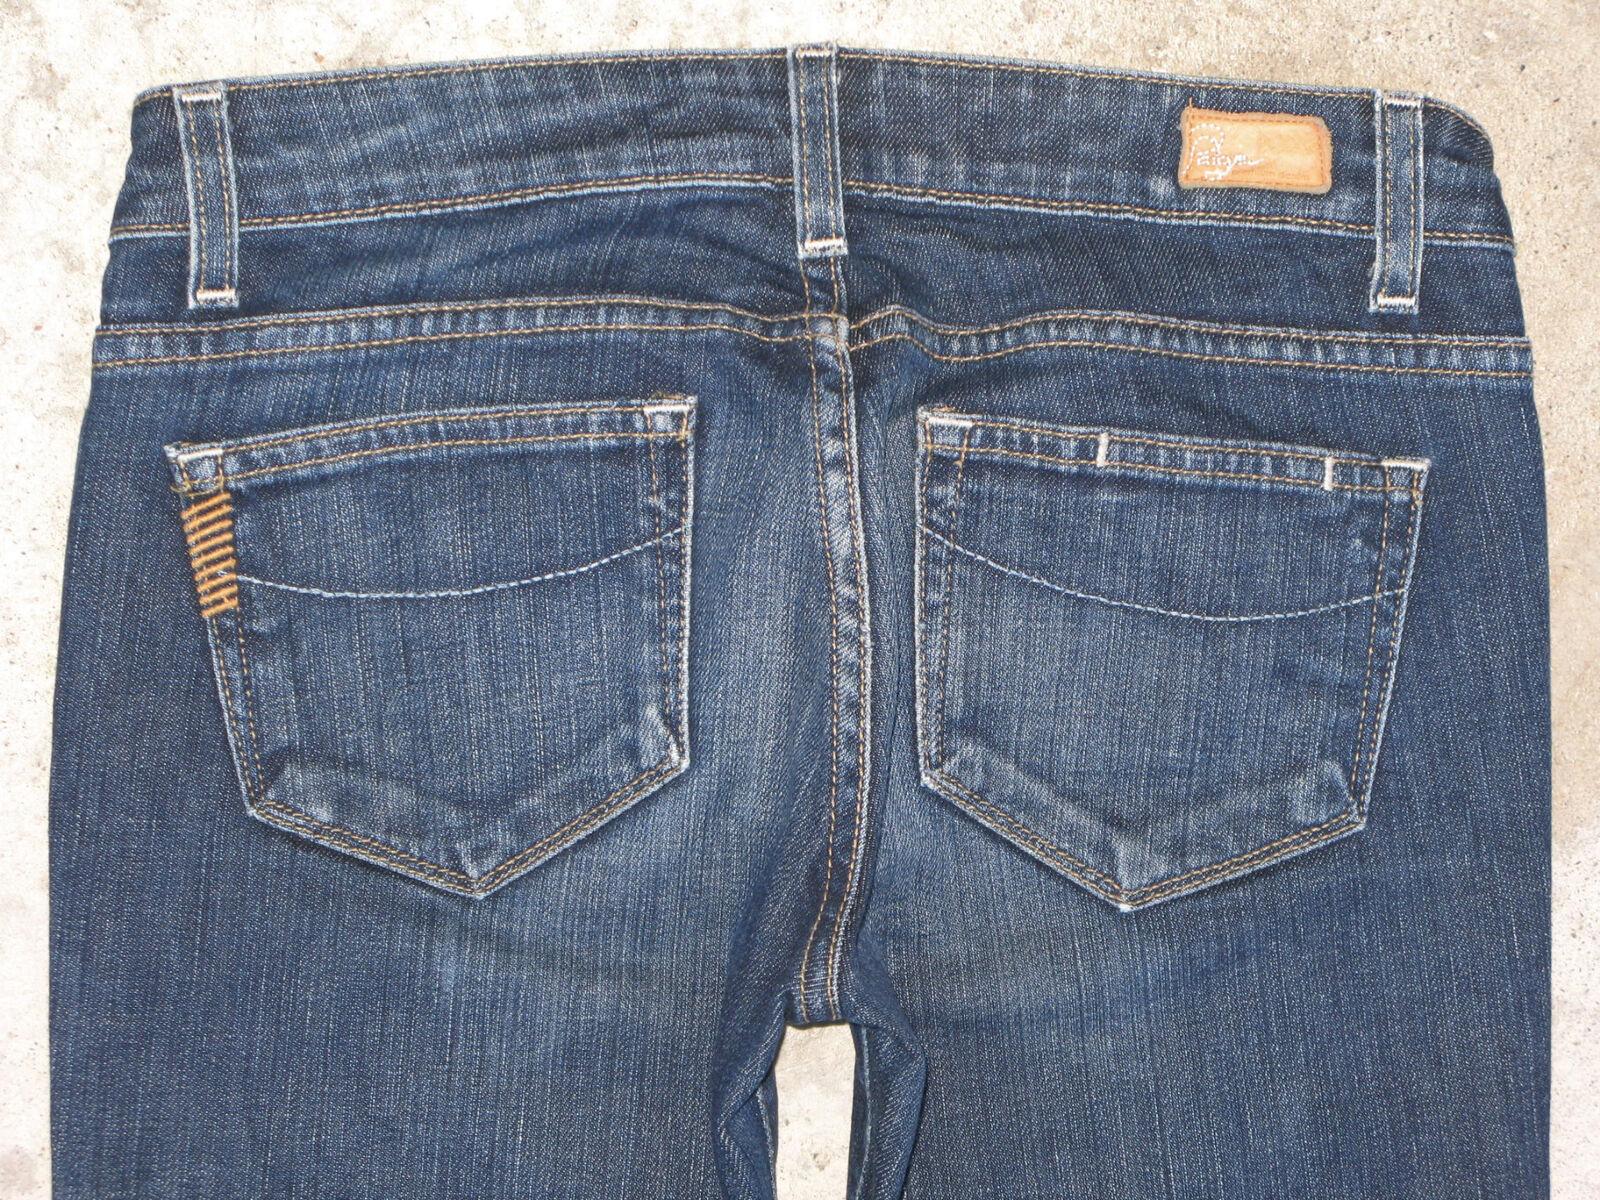 Paige Premium Laurel Canyon Jeans Sz 26 Low Bootcut Dark Distressed